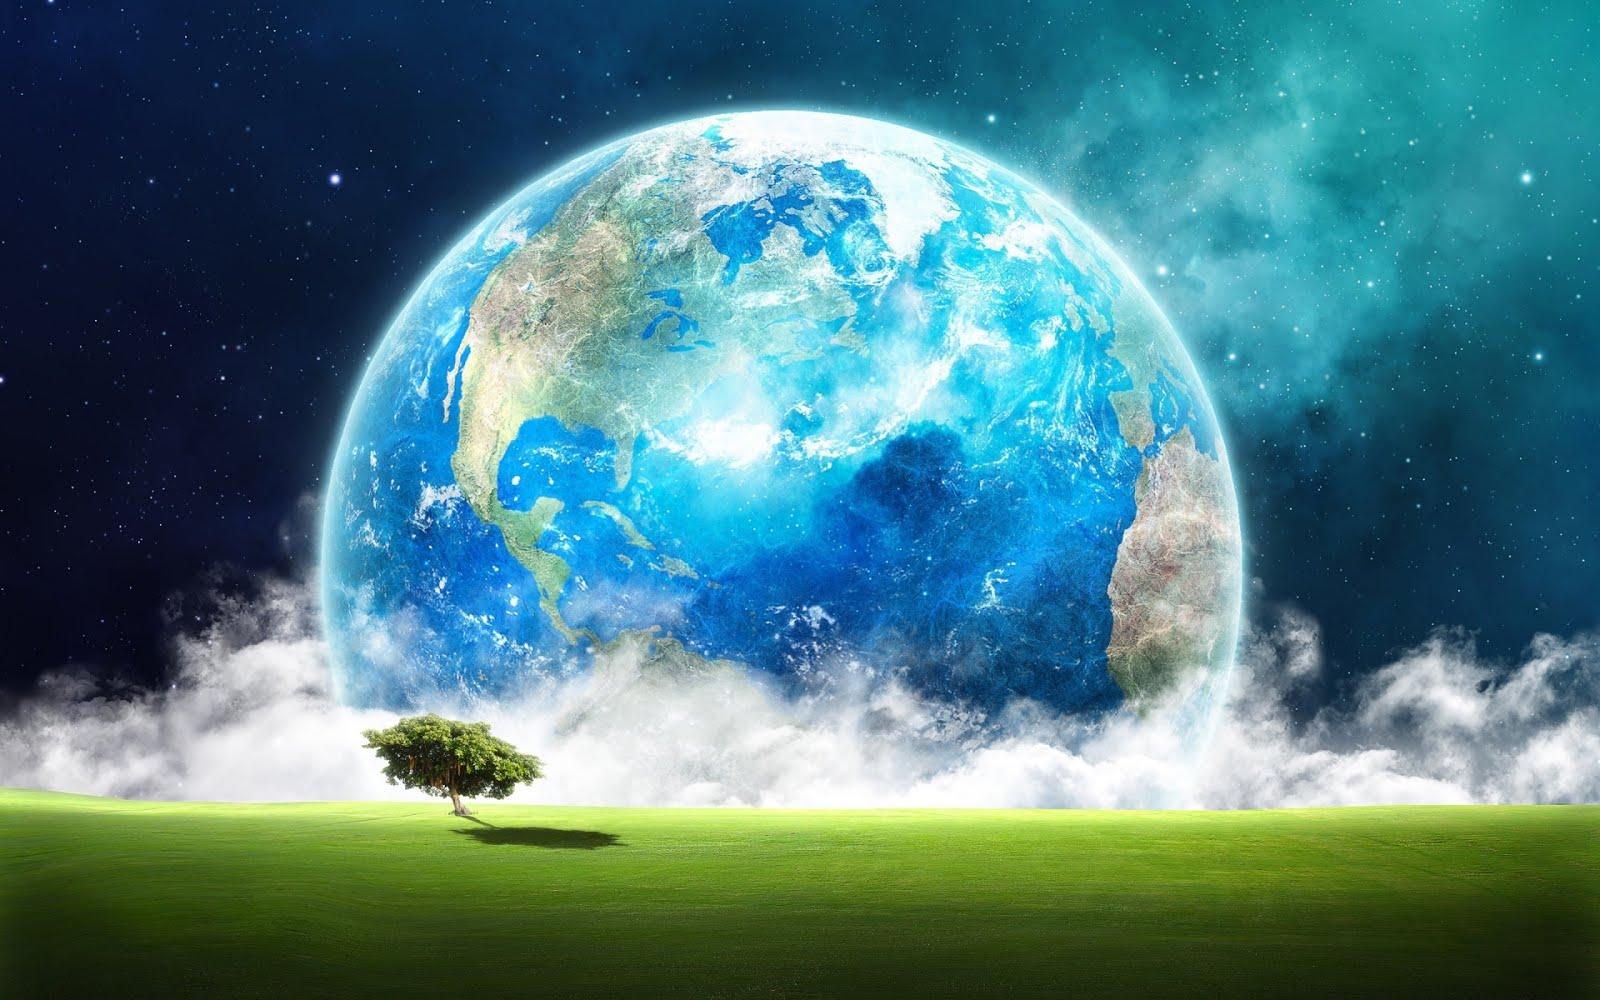 El Planeta Tierra Visto Desde Júpiter Fantasía Wallpaper Hd Ultra